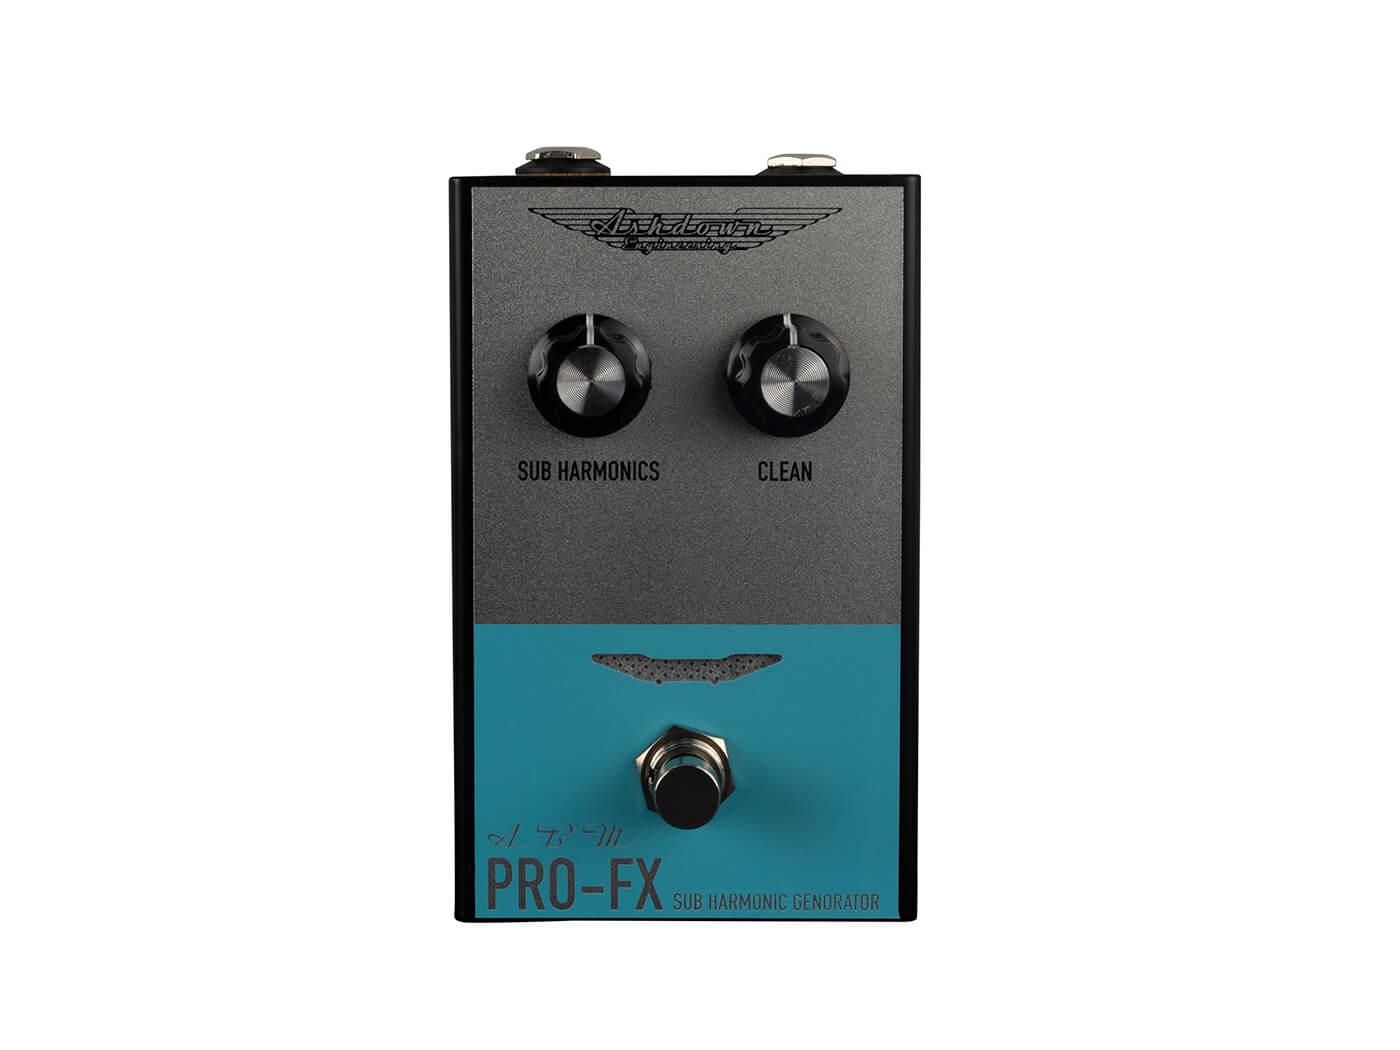 Ashdown PRO-FX Sub Harmonic Genorator